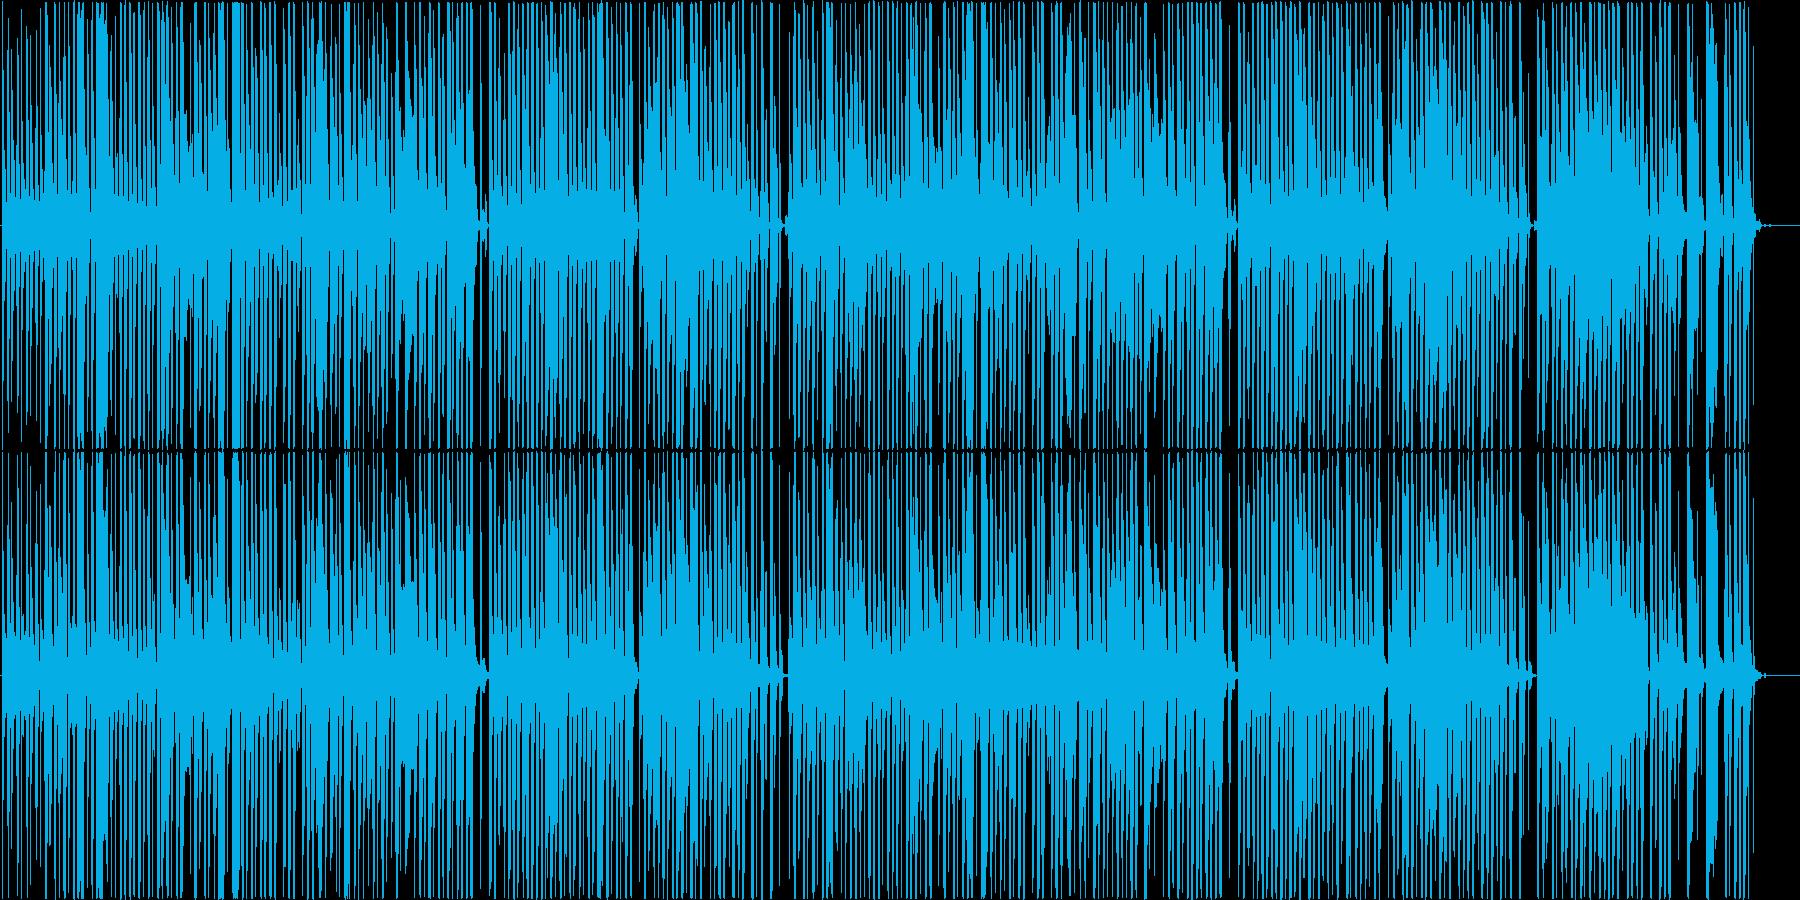 リコーダーのおどけた雰囲気の温かい楽曲の再生済みの波形